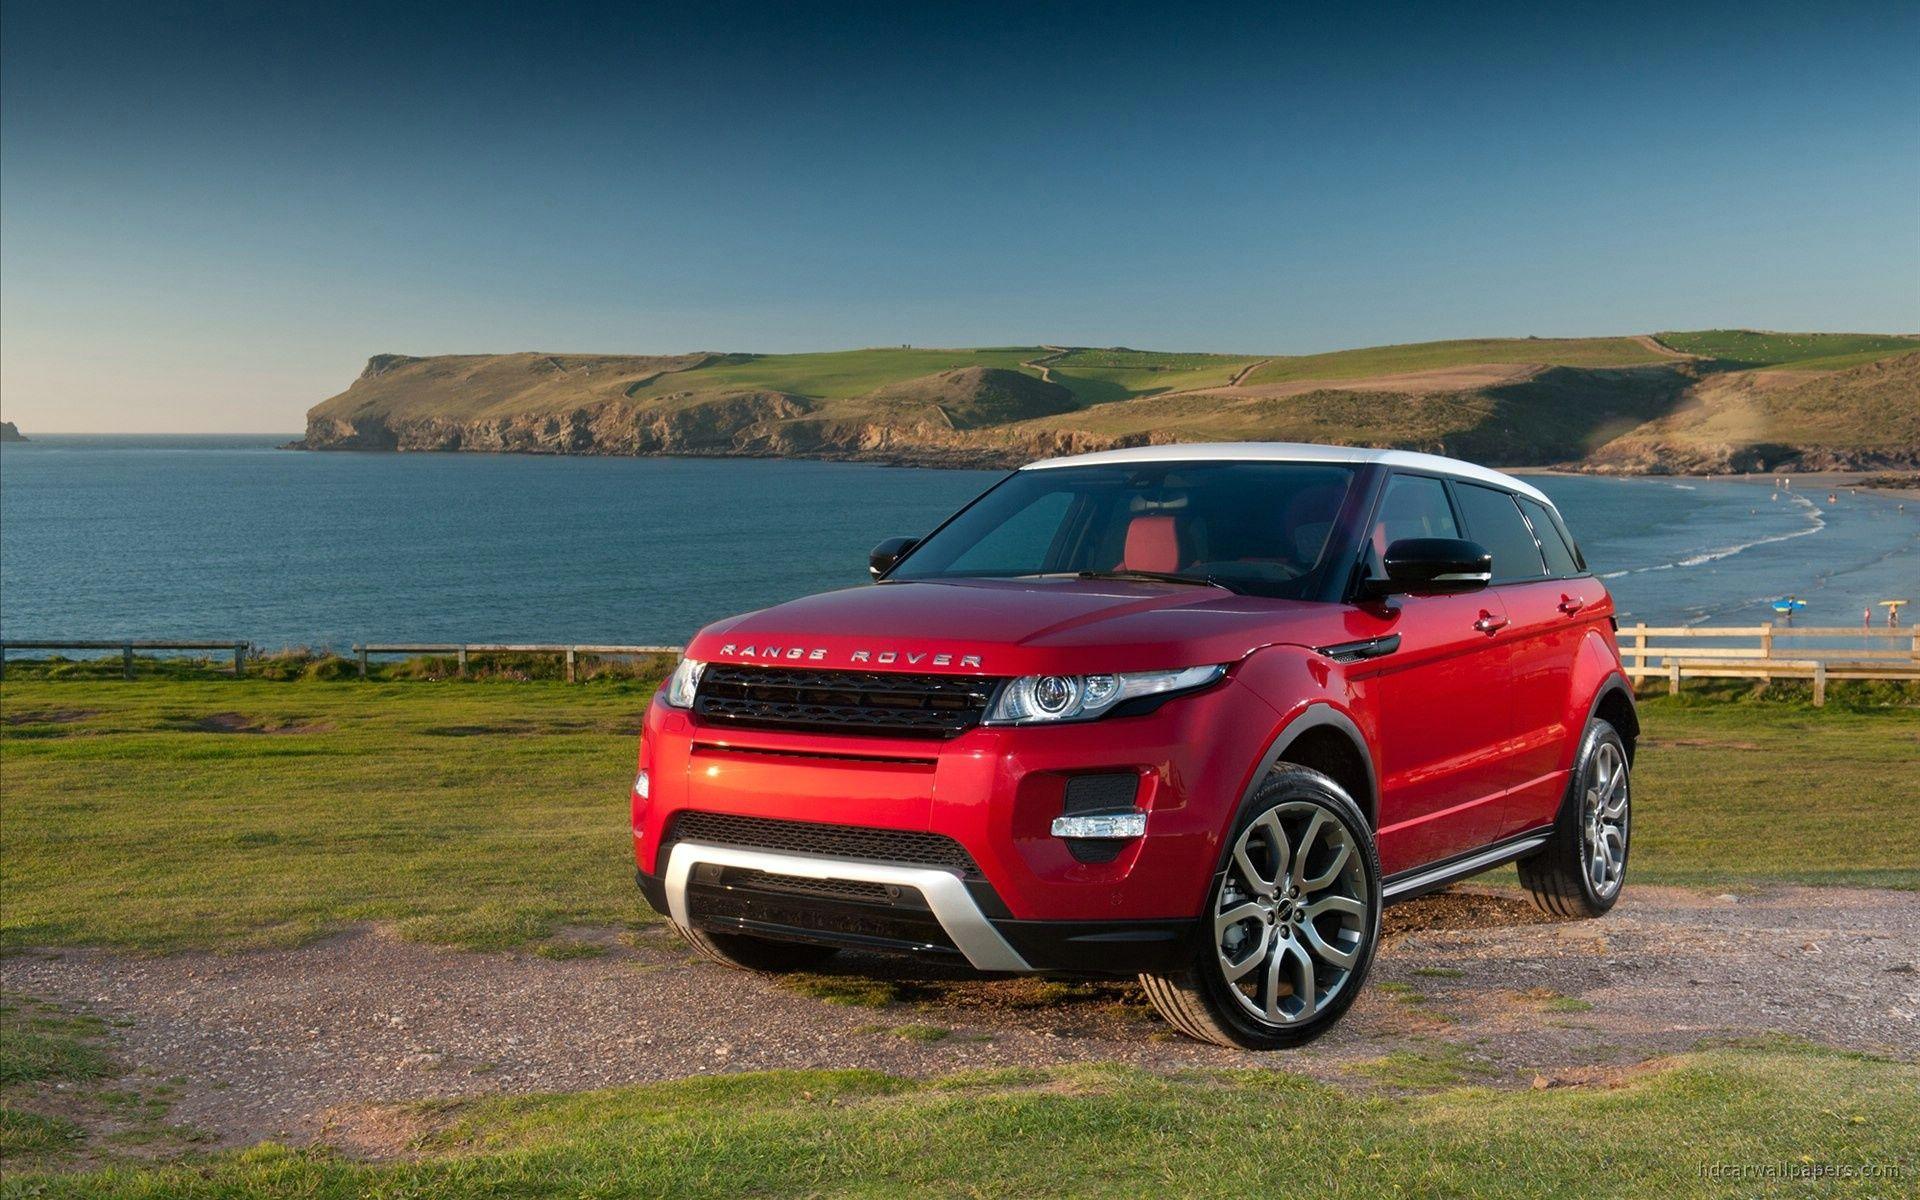 land search lease rover landrover hse evoque cheap google range autos pin